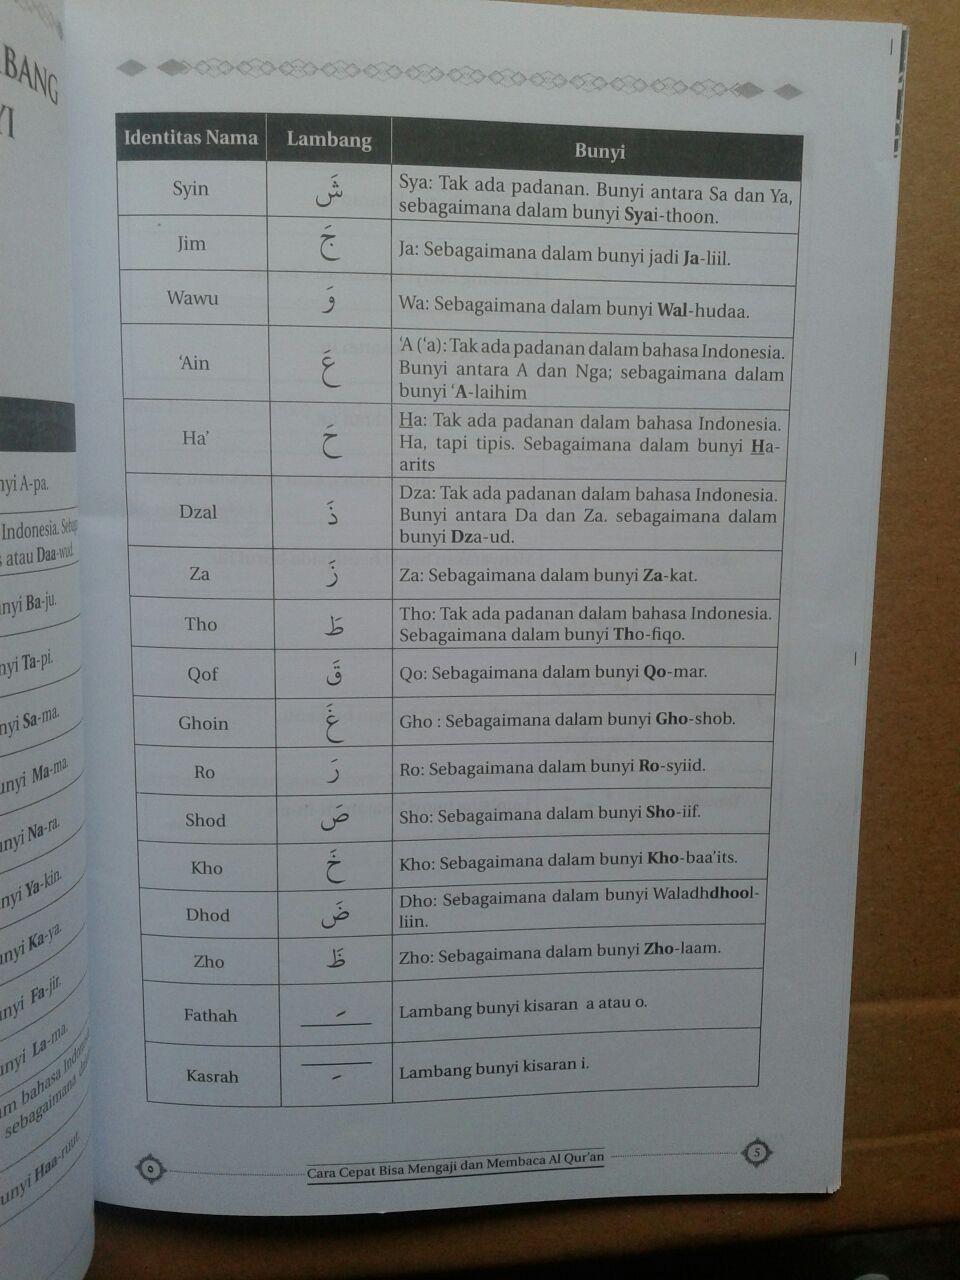 Buku Tadarus Cara Cepat Mengaji Membaca Al-Quran 1 Jam isi 2